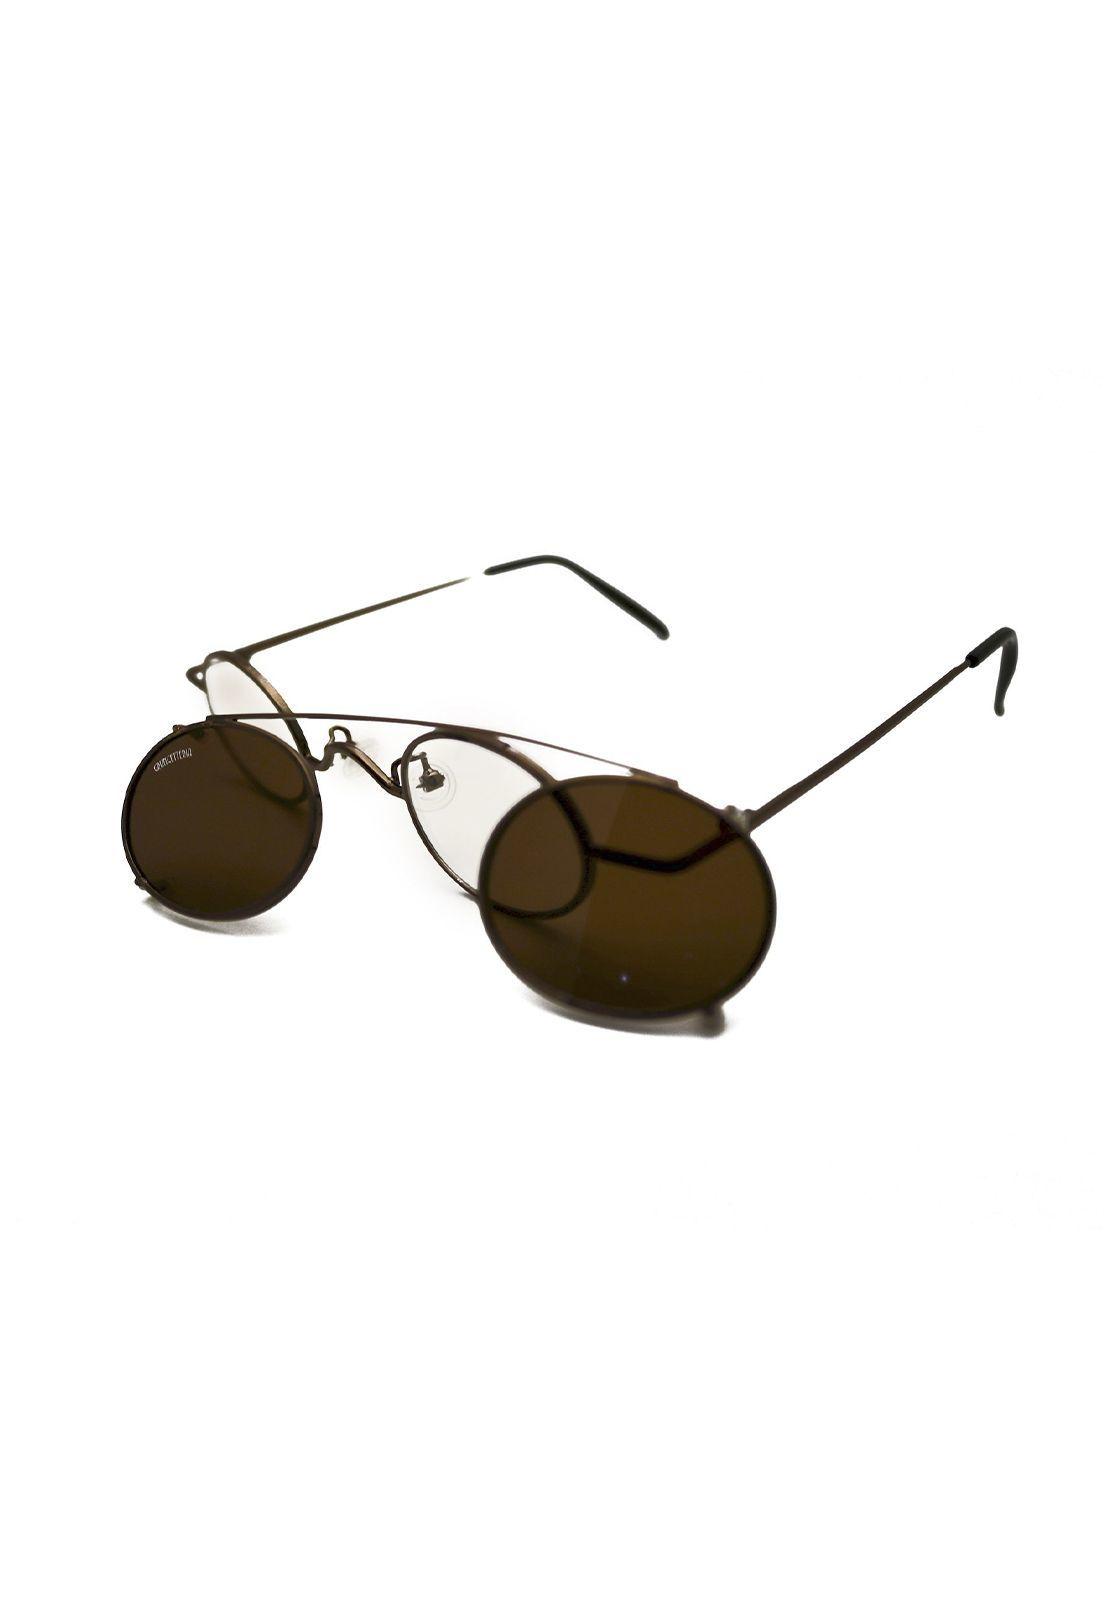 Óculos de Sol Grungetteria Miami Vice Cobre